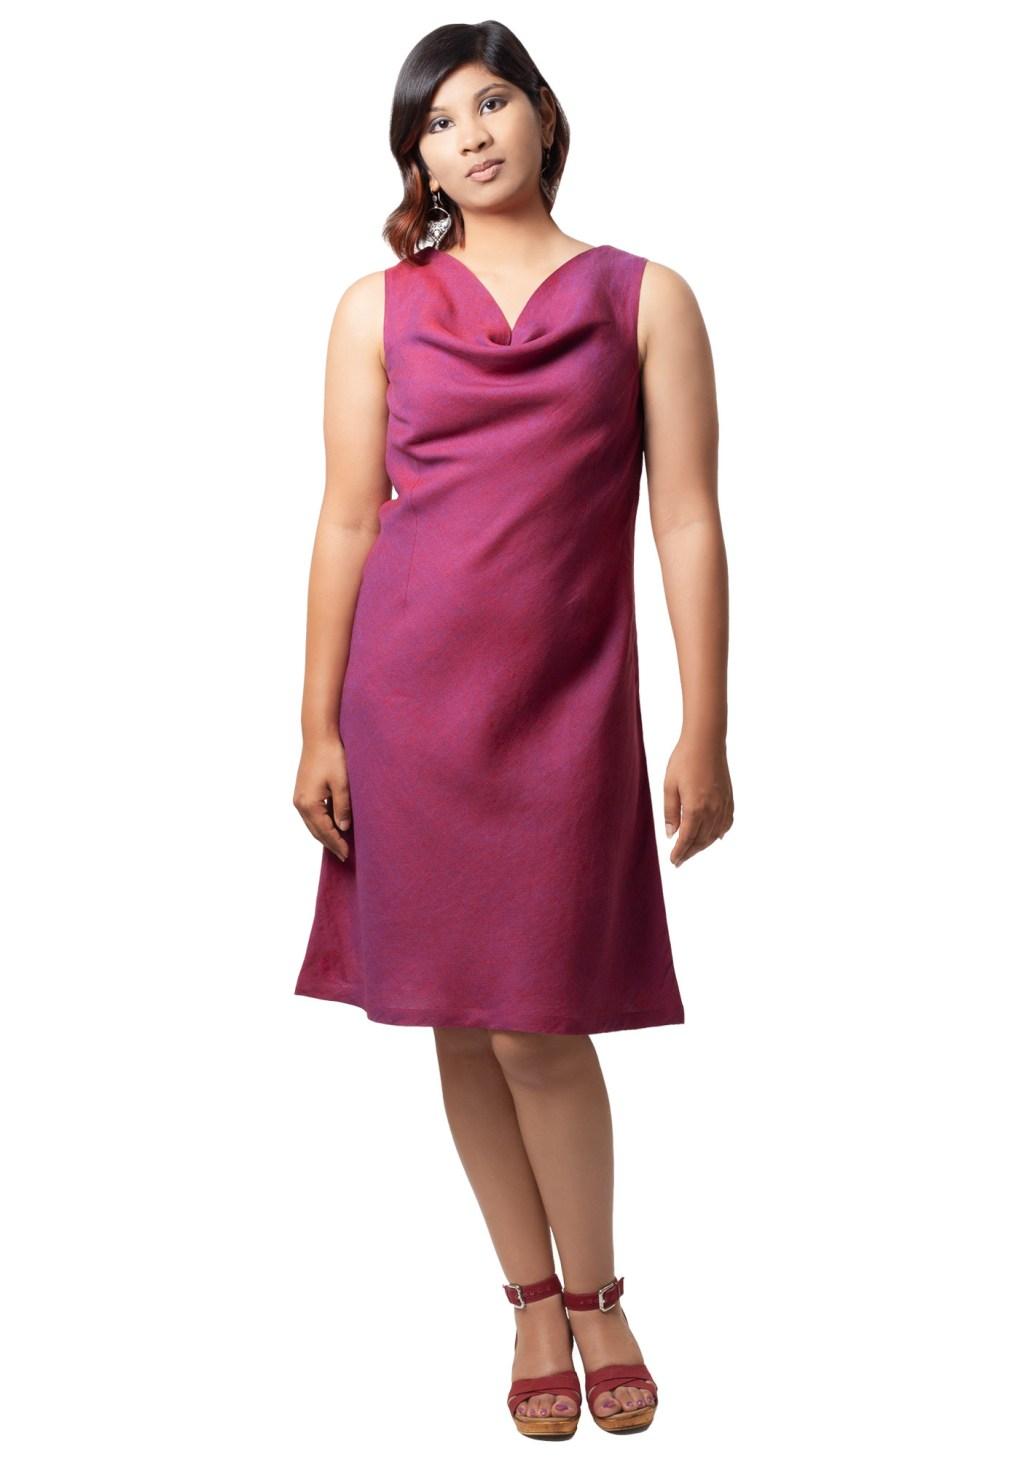 MINC ecofashion Plum Passion Cowl Neck Dress in Linen